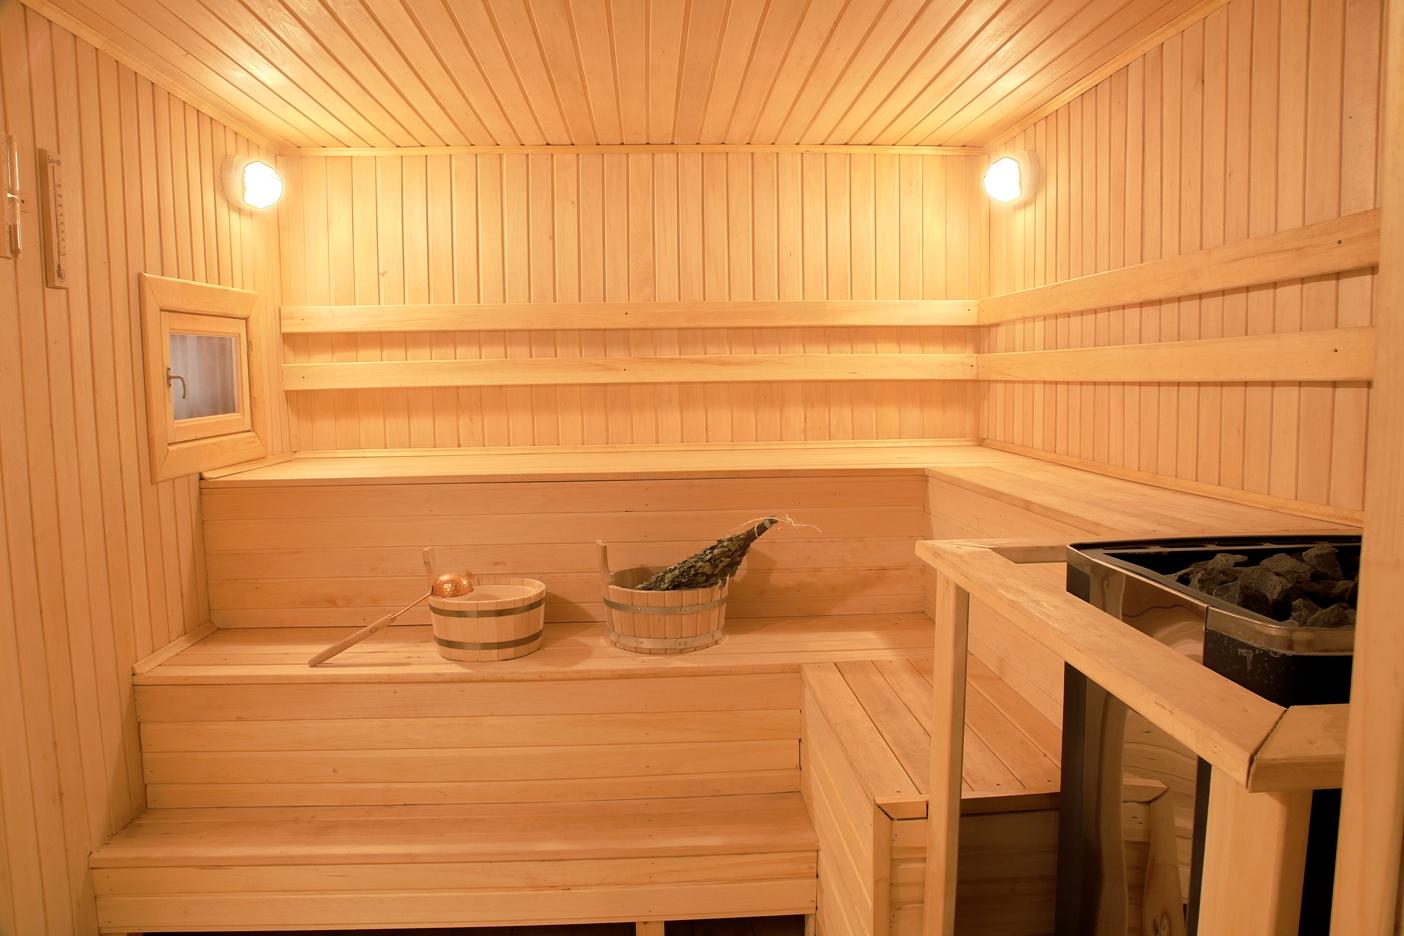 Правильная баня: тонкости проектирования и строительства